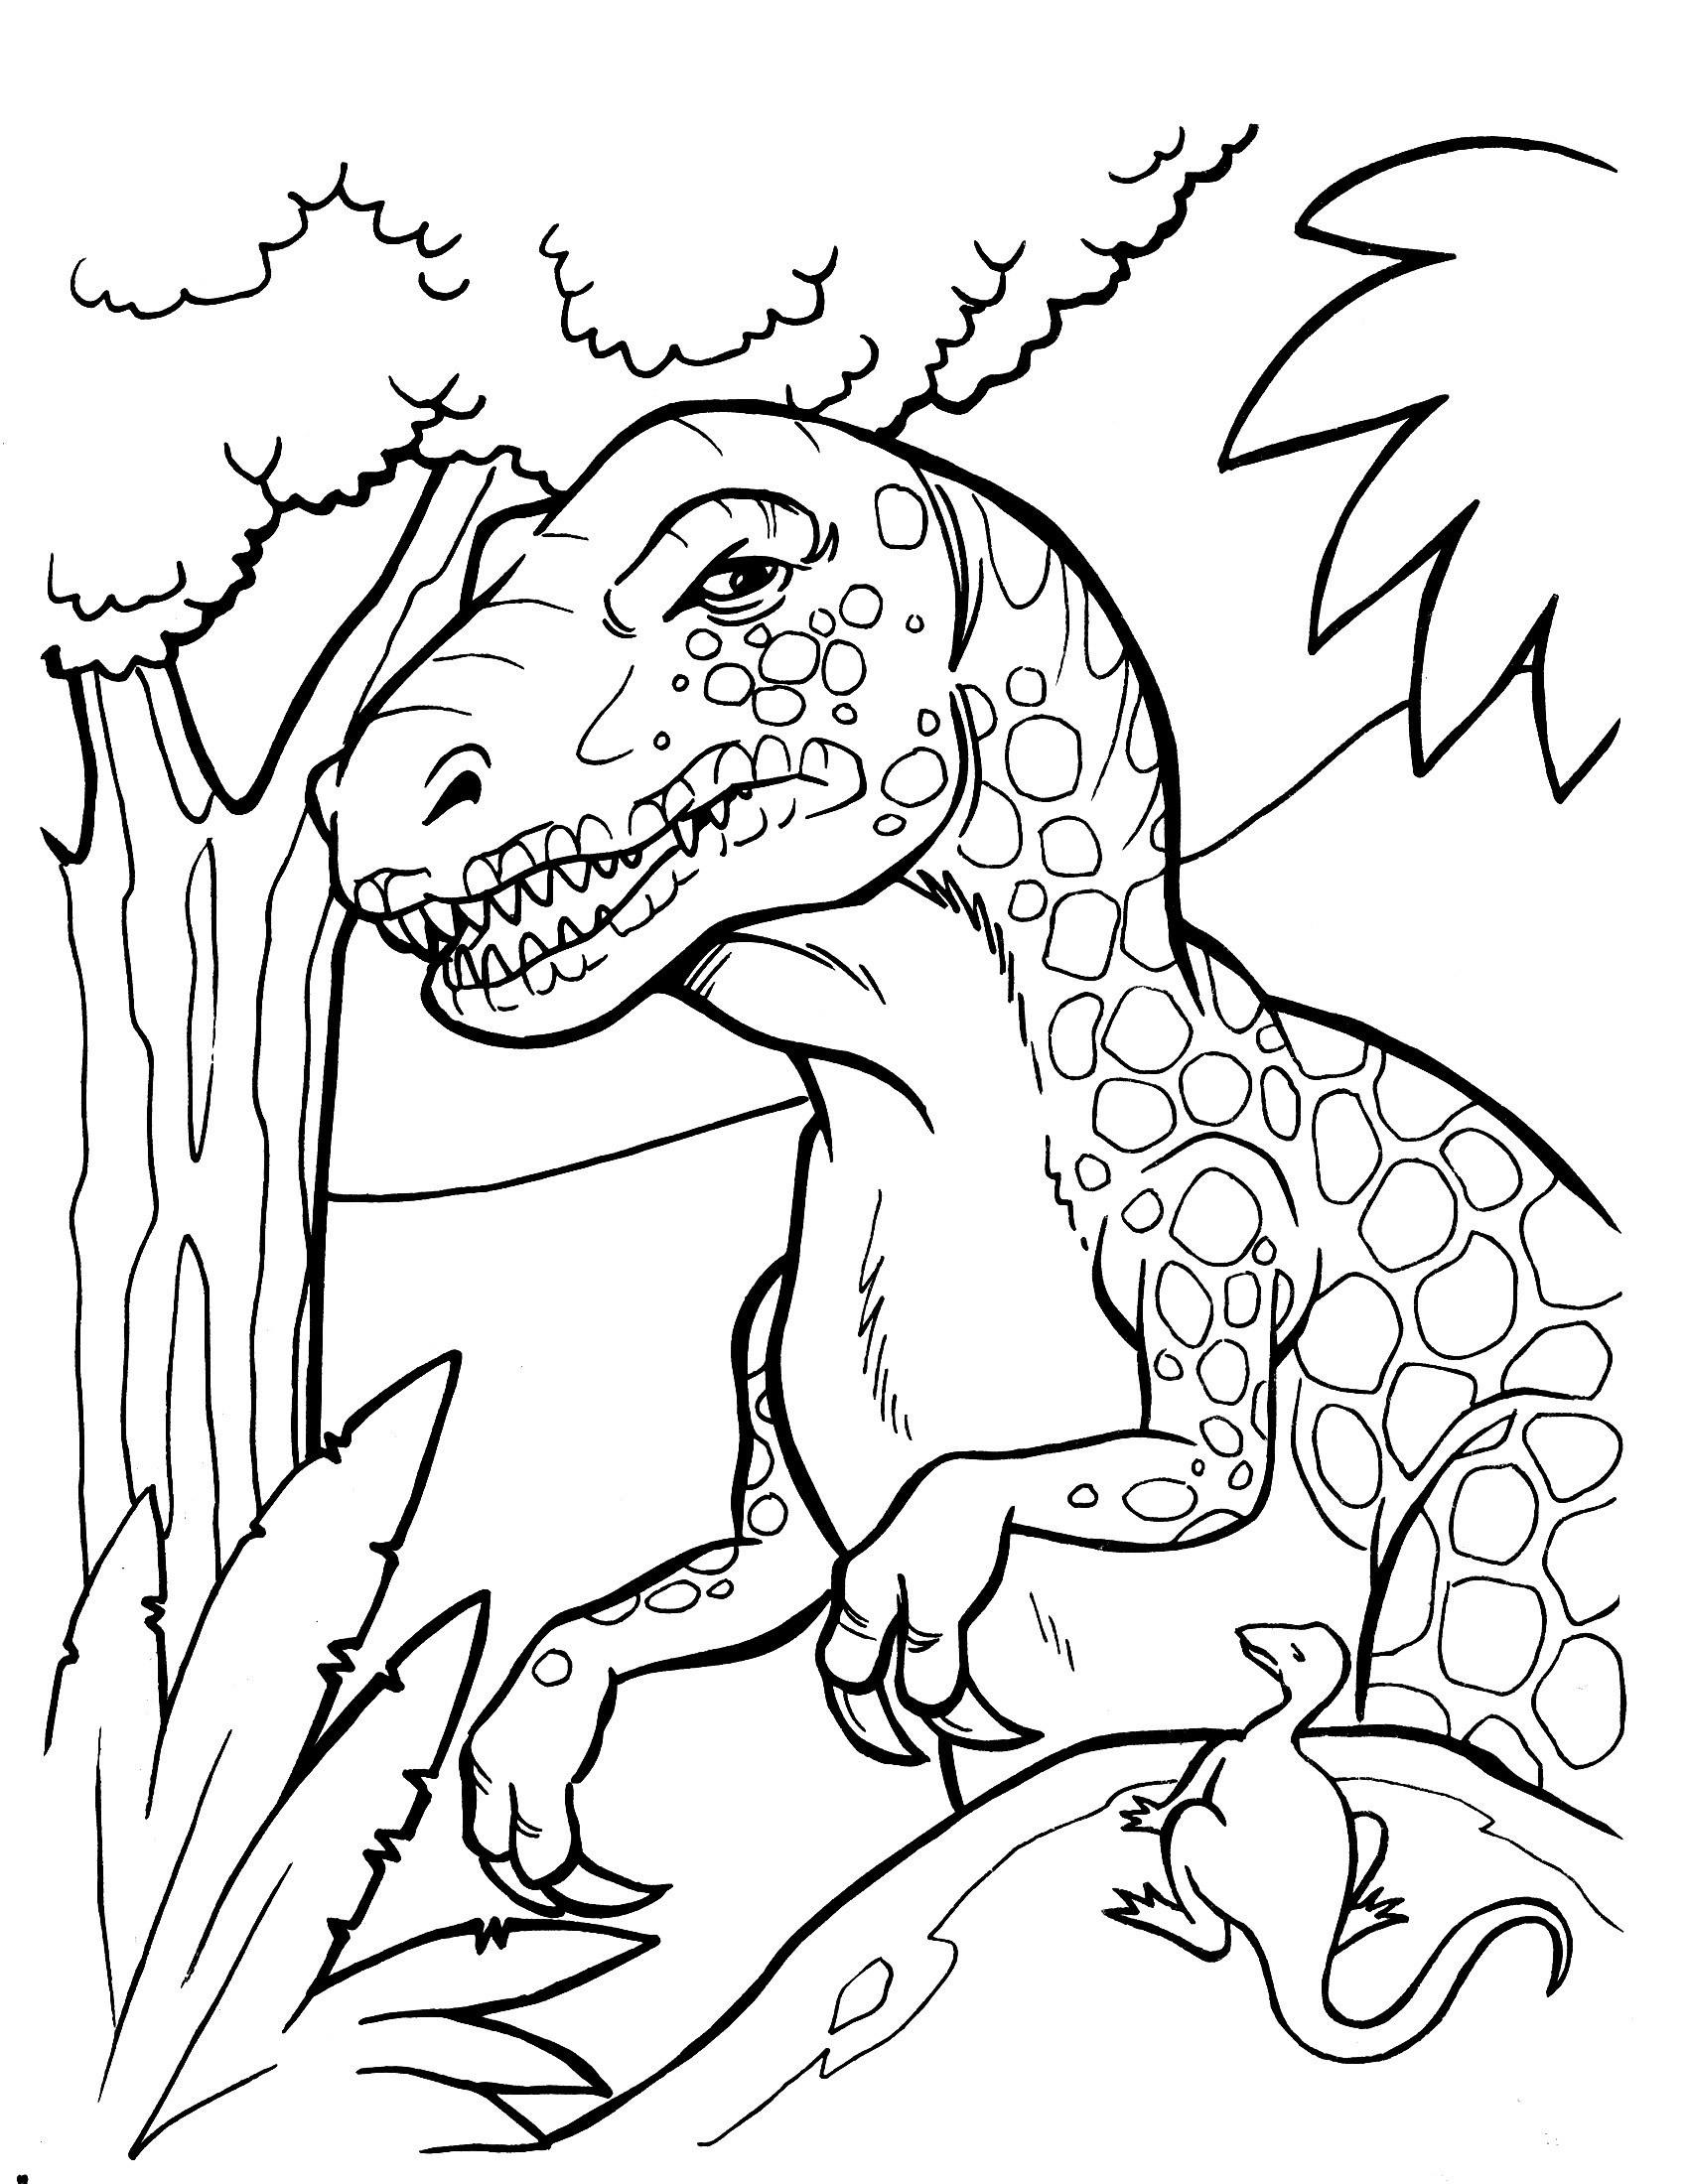 In Einem Land Vor Unserer Zeit Ausmalbilder Das Beste Von 40 Ausmalbilder Dinosaurier Rex Scoredatscore Schön Ausmalbilder In Galerie